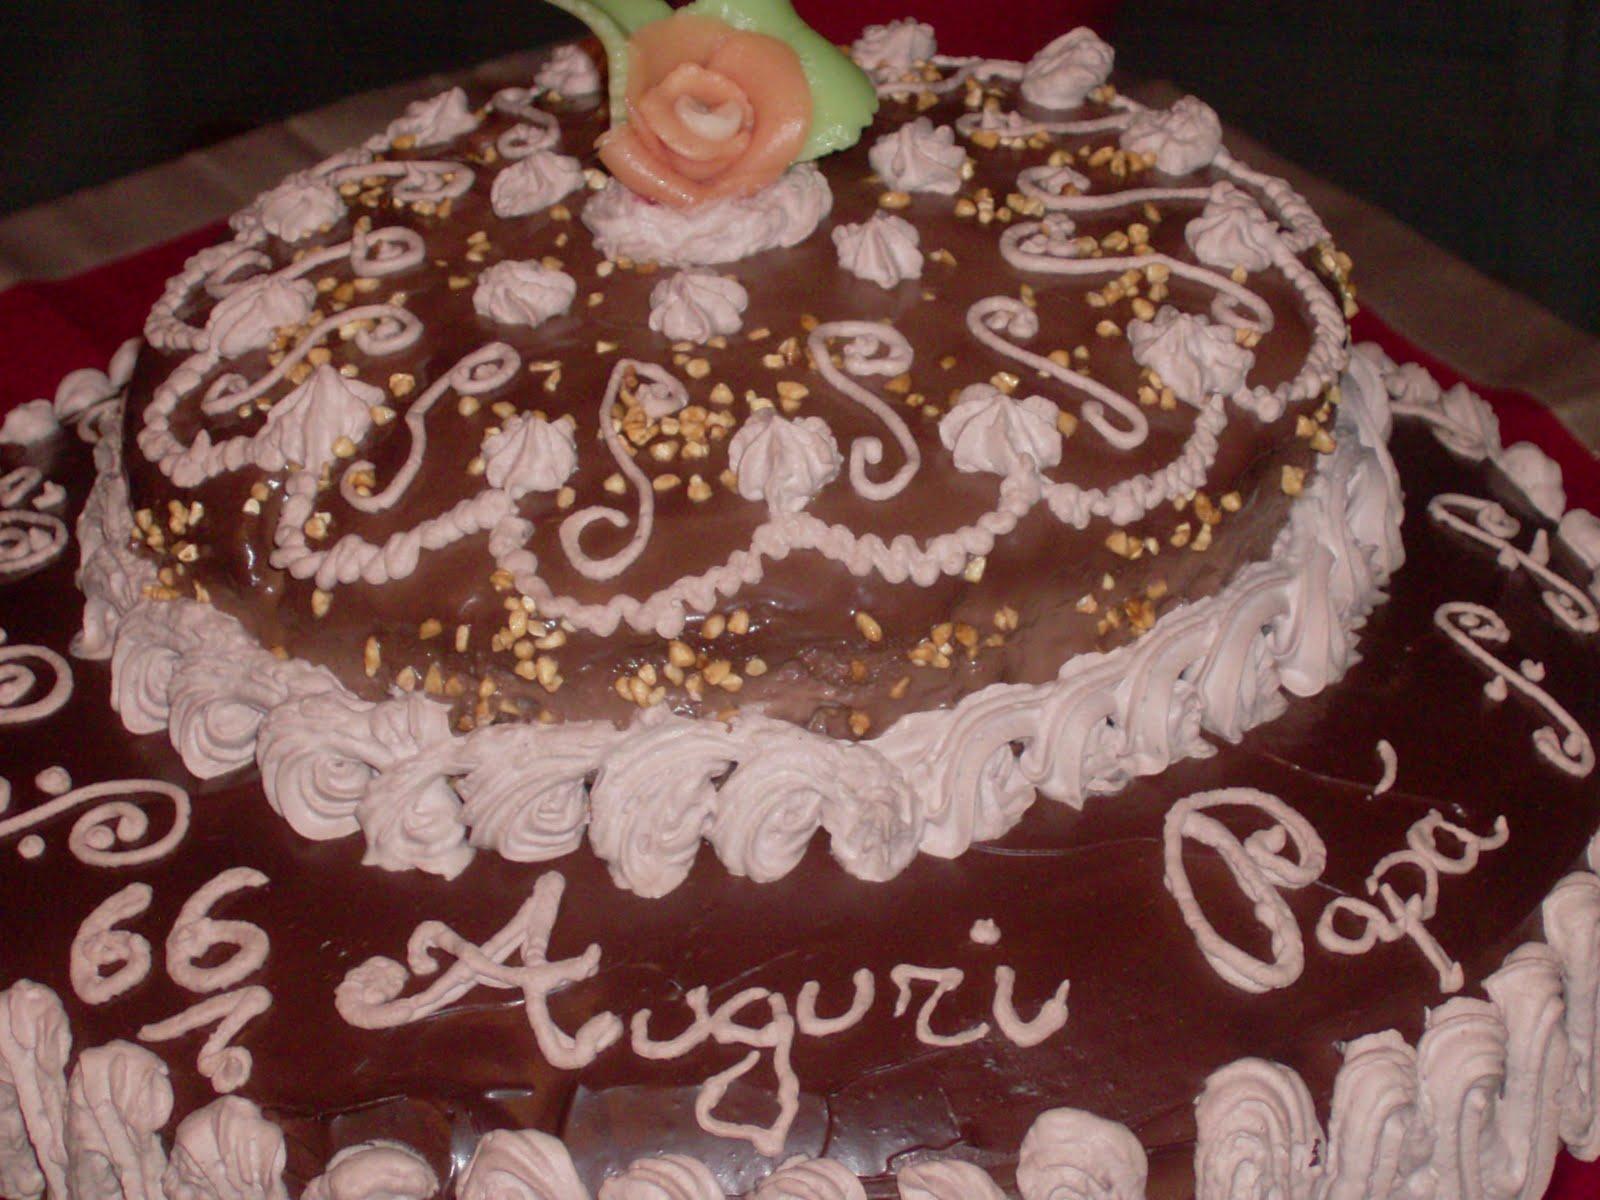 I dolci di agata e non solo torta a due piani for Due piani